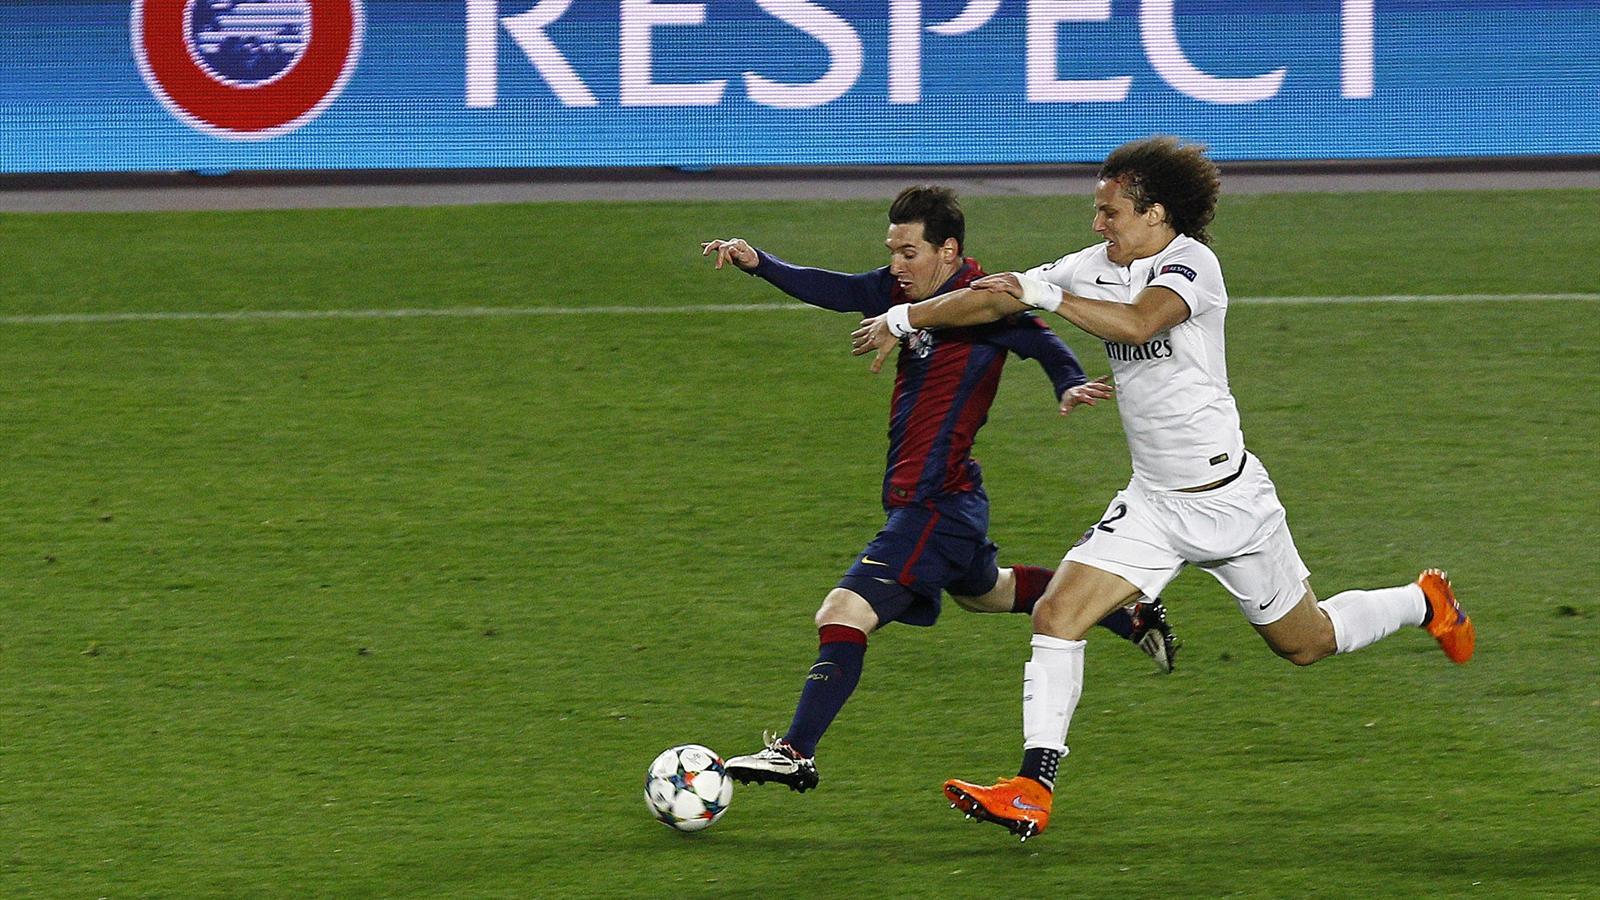 L' analyse d' Emmanuel Petit sur l' élimination du PSG en Champions League